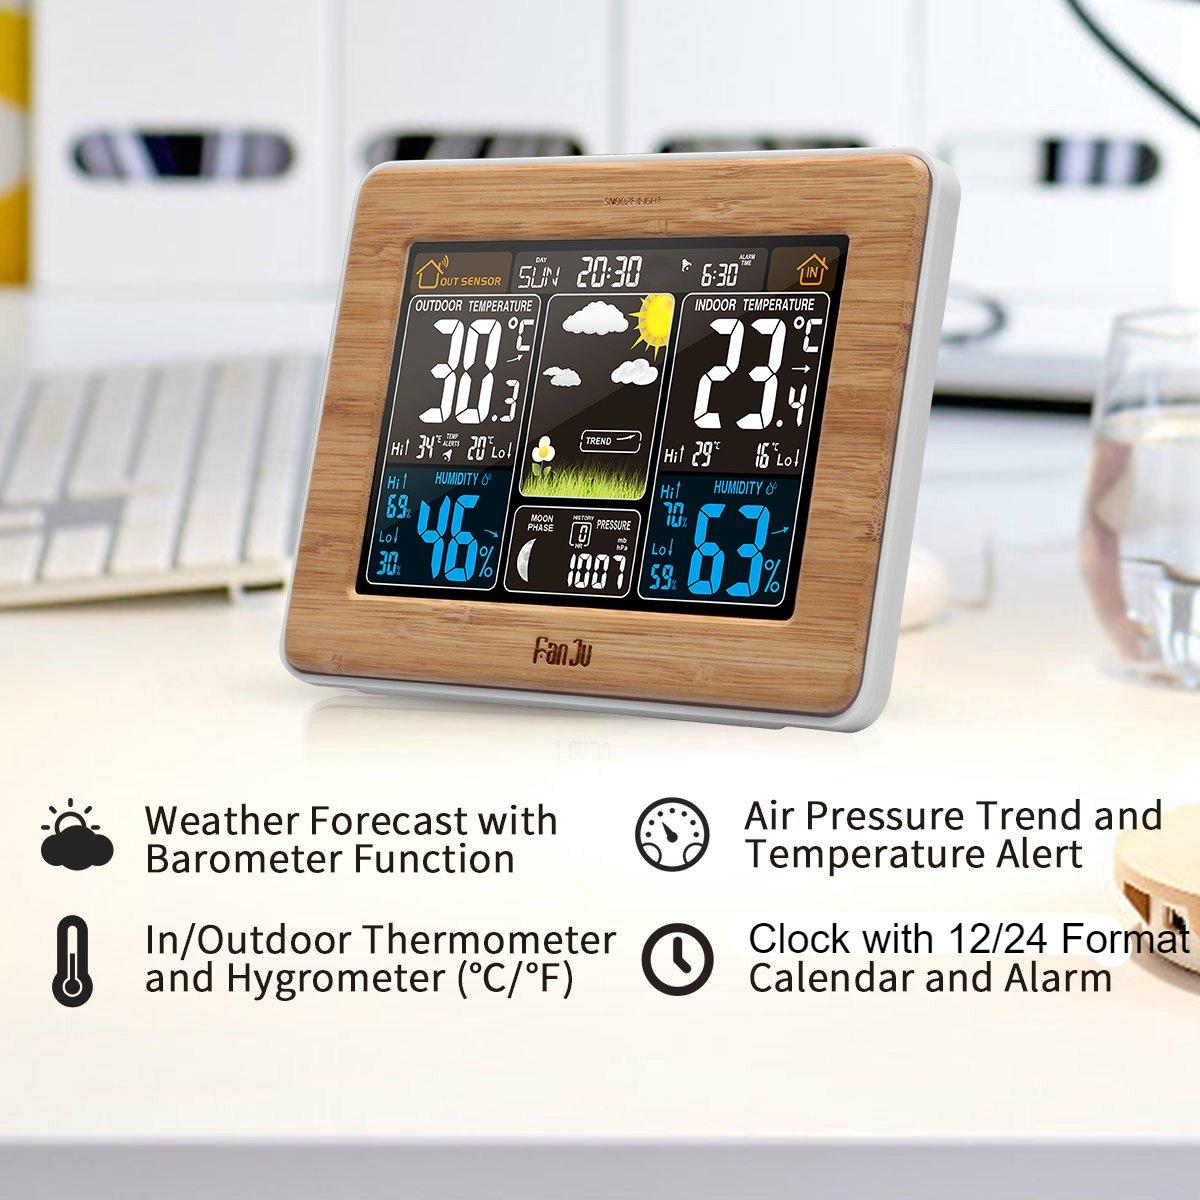 FanJu fj3365 Wireless Color estación meteorológica con Alerta y Temperatura/Humedad/barómetro/Alarma/Fase de la Luna/Atomic Reloj con Sensor Exterior: ...